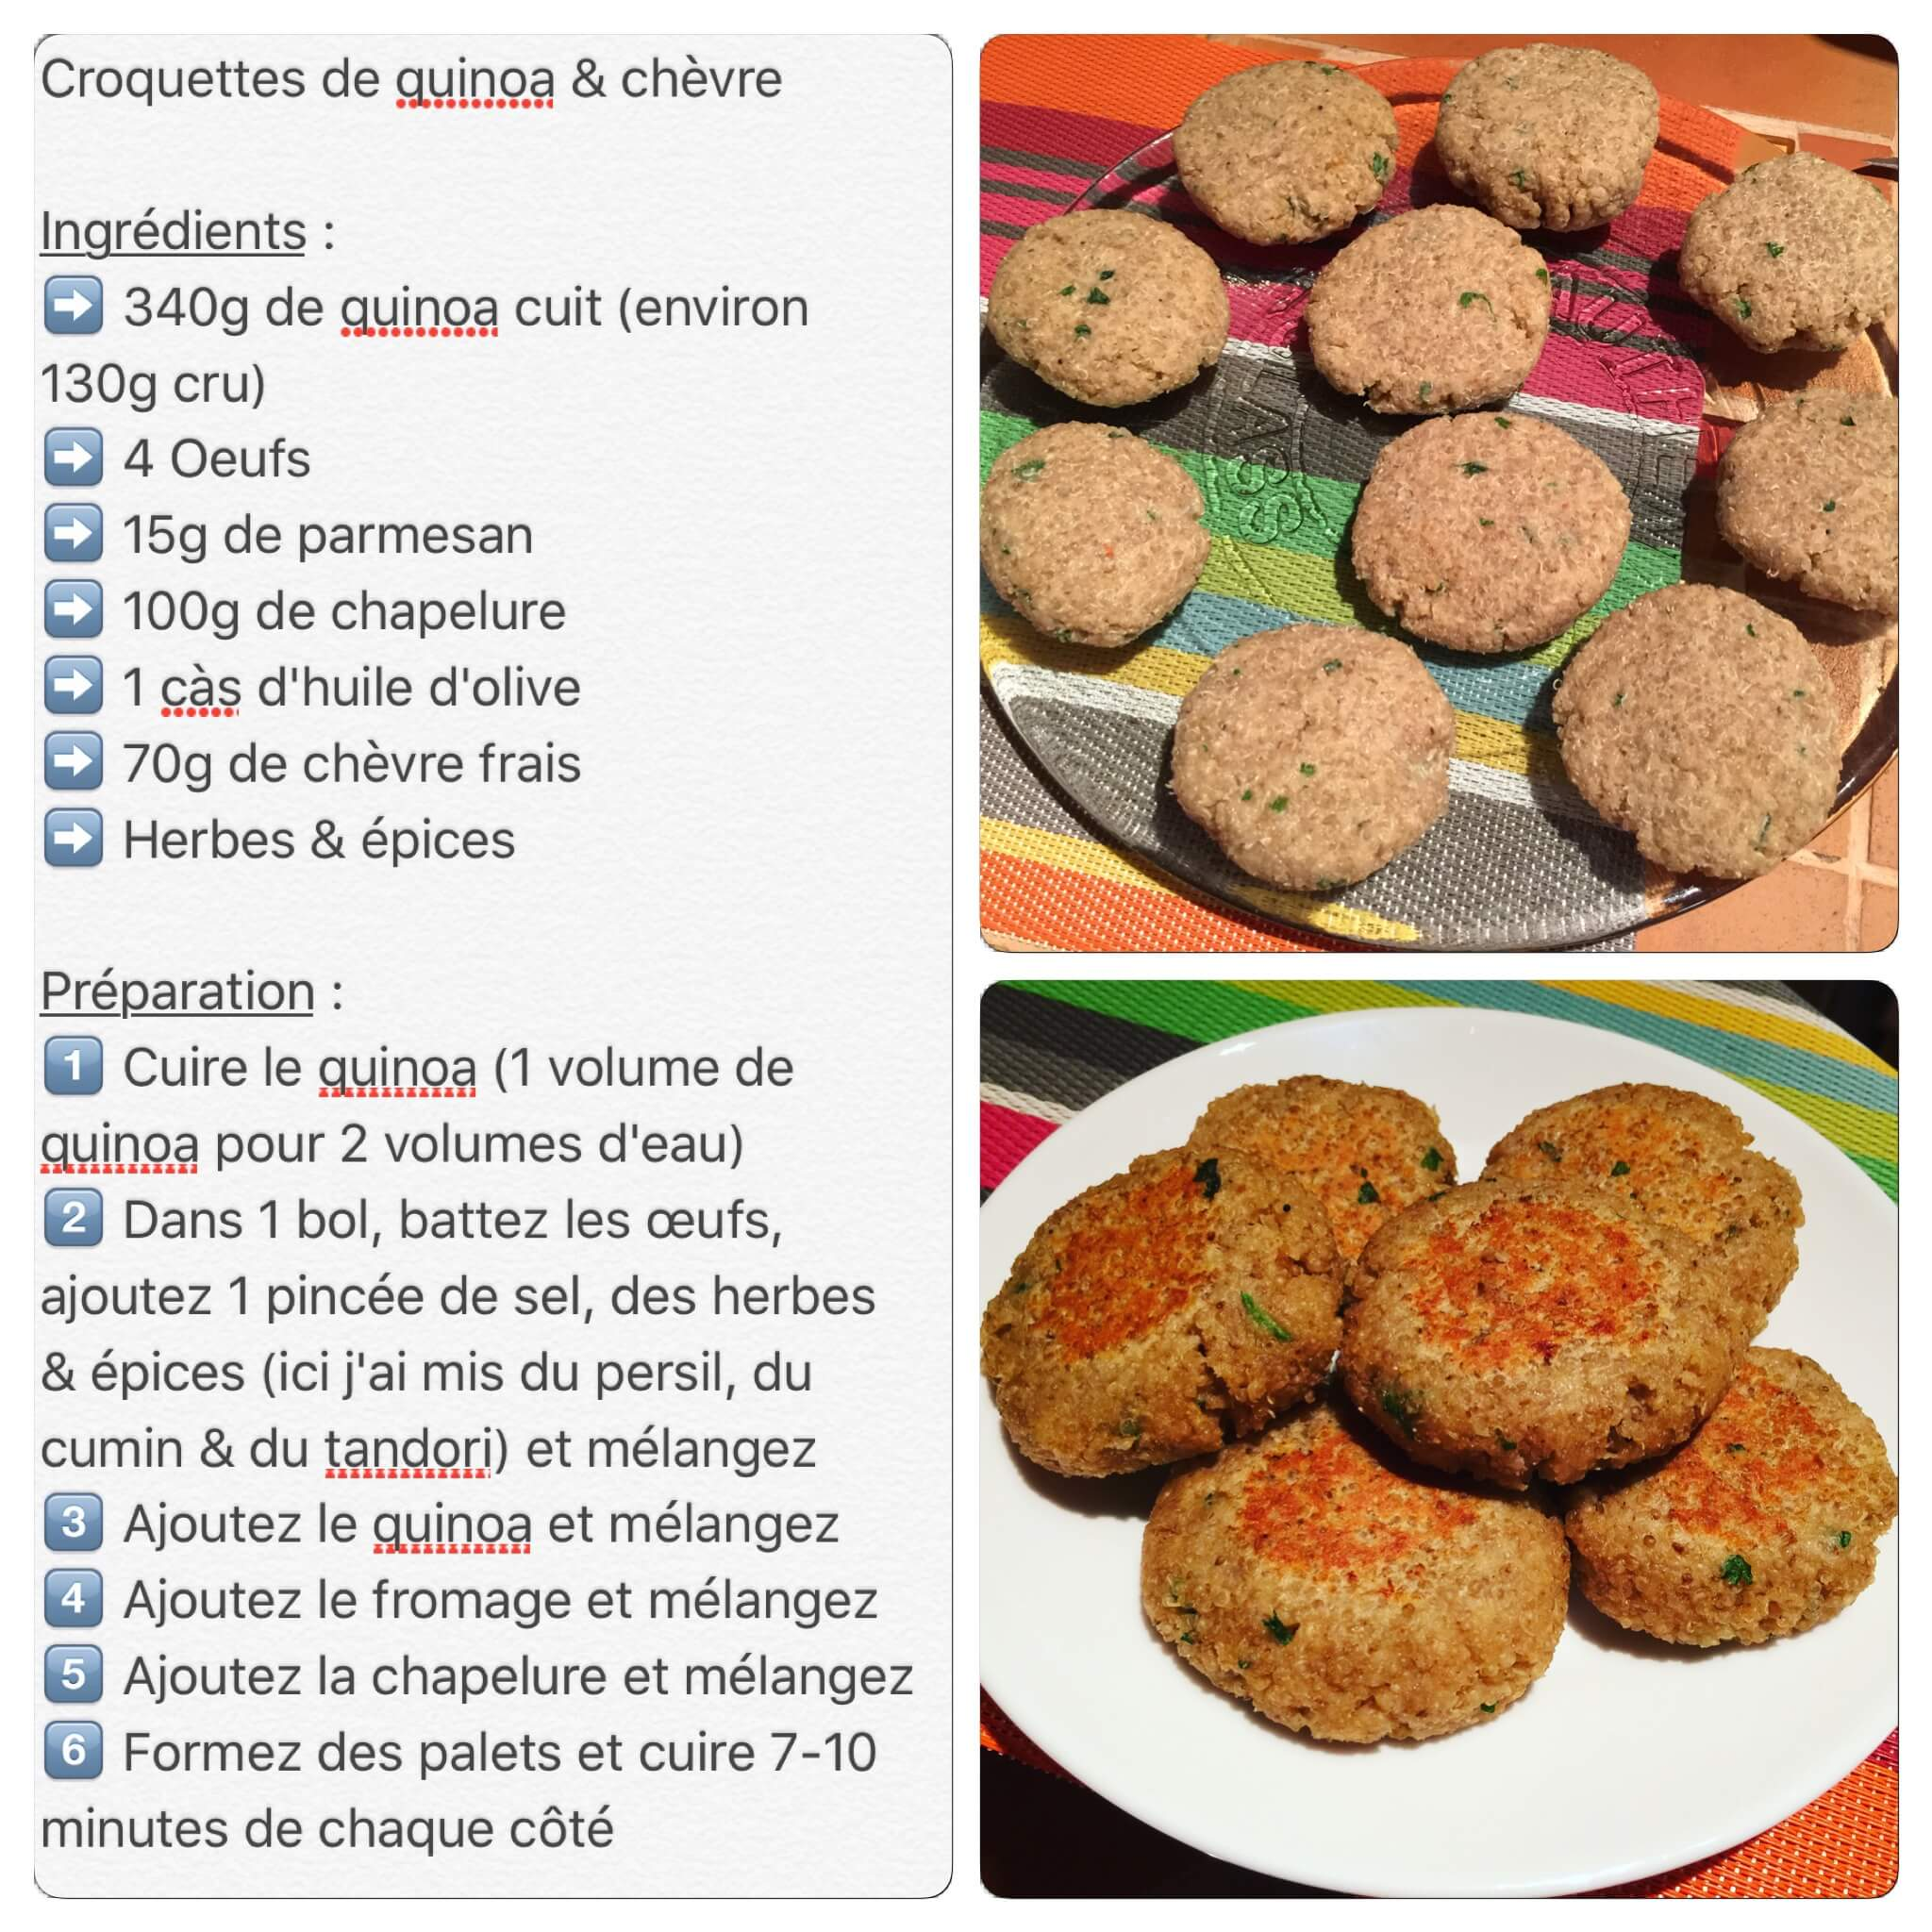 Recette de croquettes de quinoa et fromage